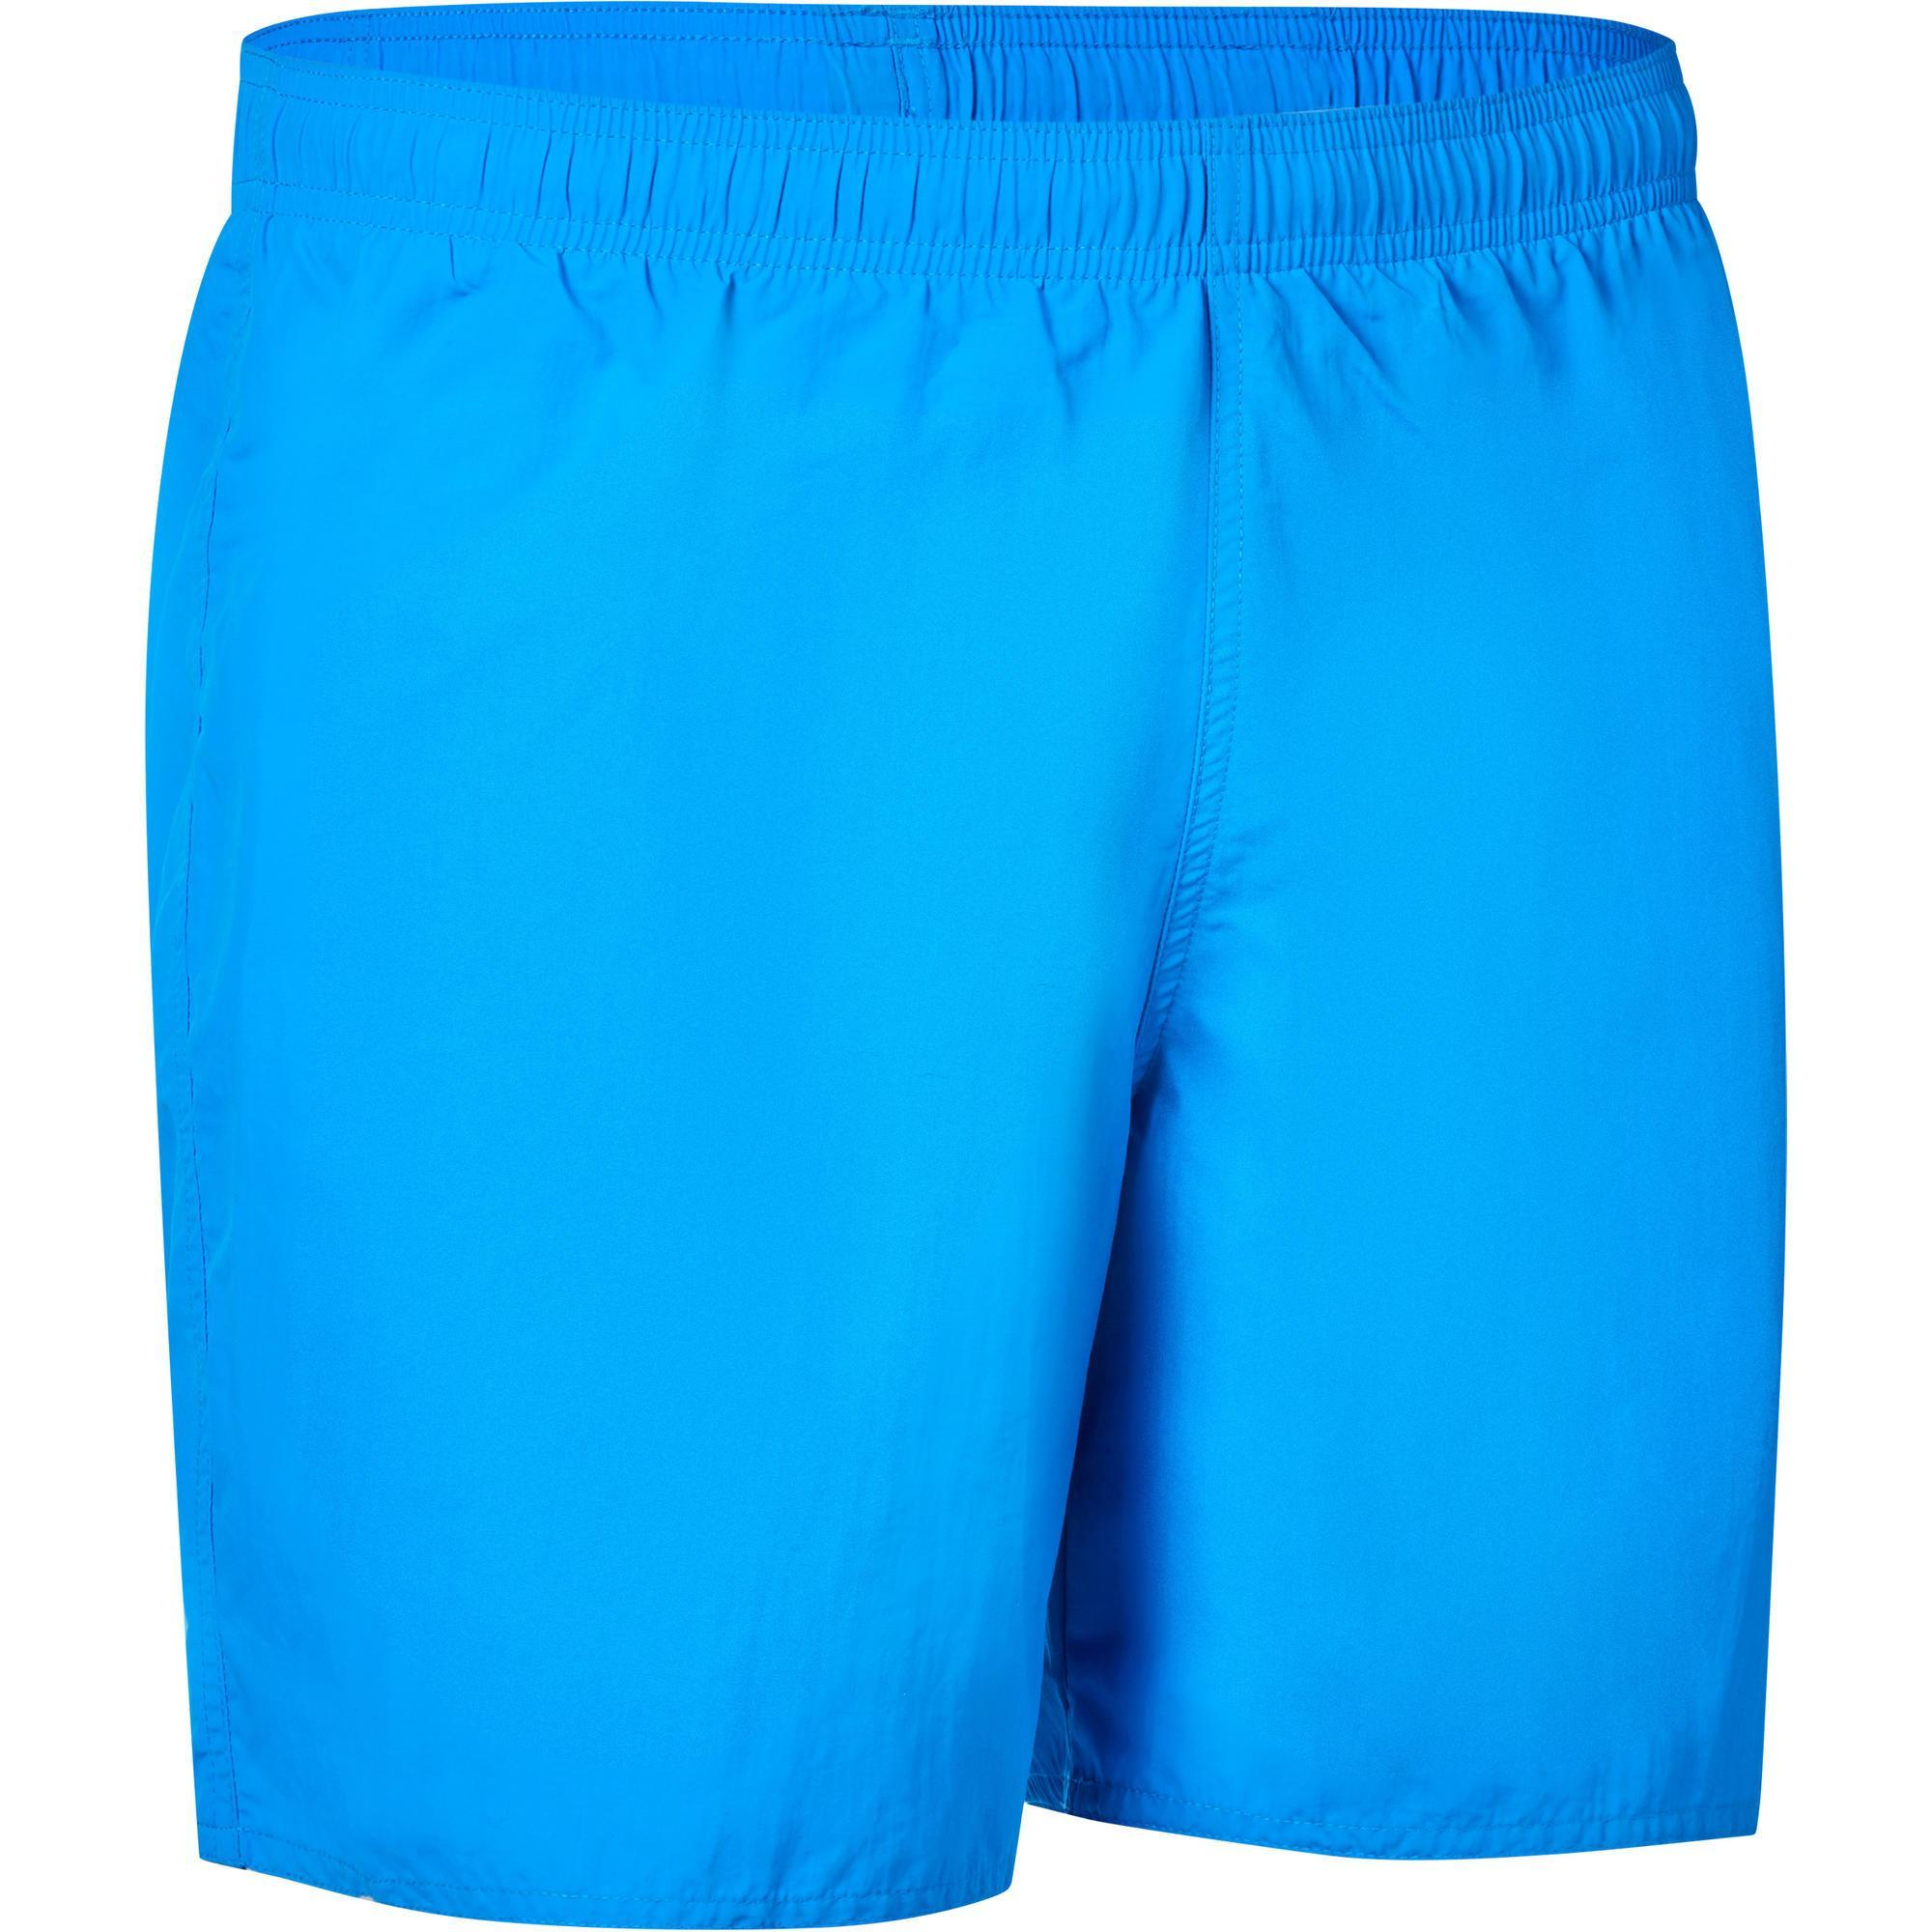 Schwimmshorts 100 Basic Herren | Sportbekleidung > Sporthosen > Sportshorts | Nabaiji